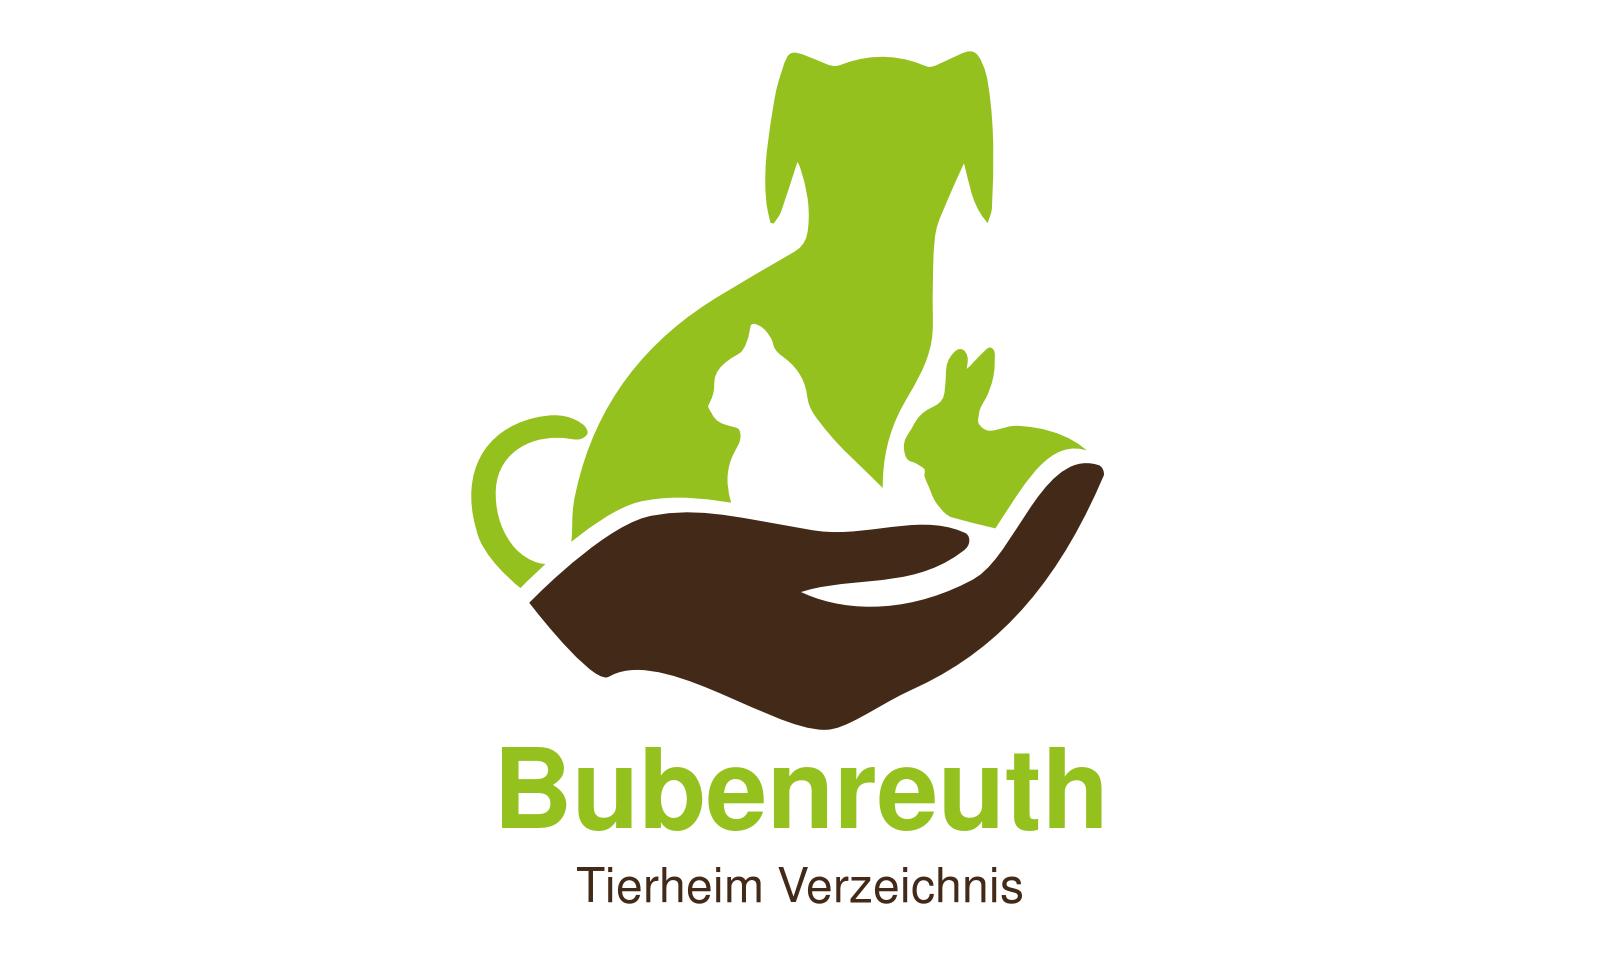 Tierheim Bubenreuth